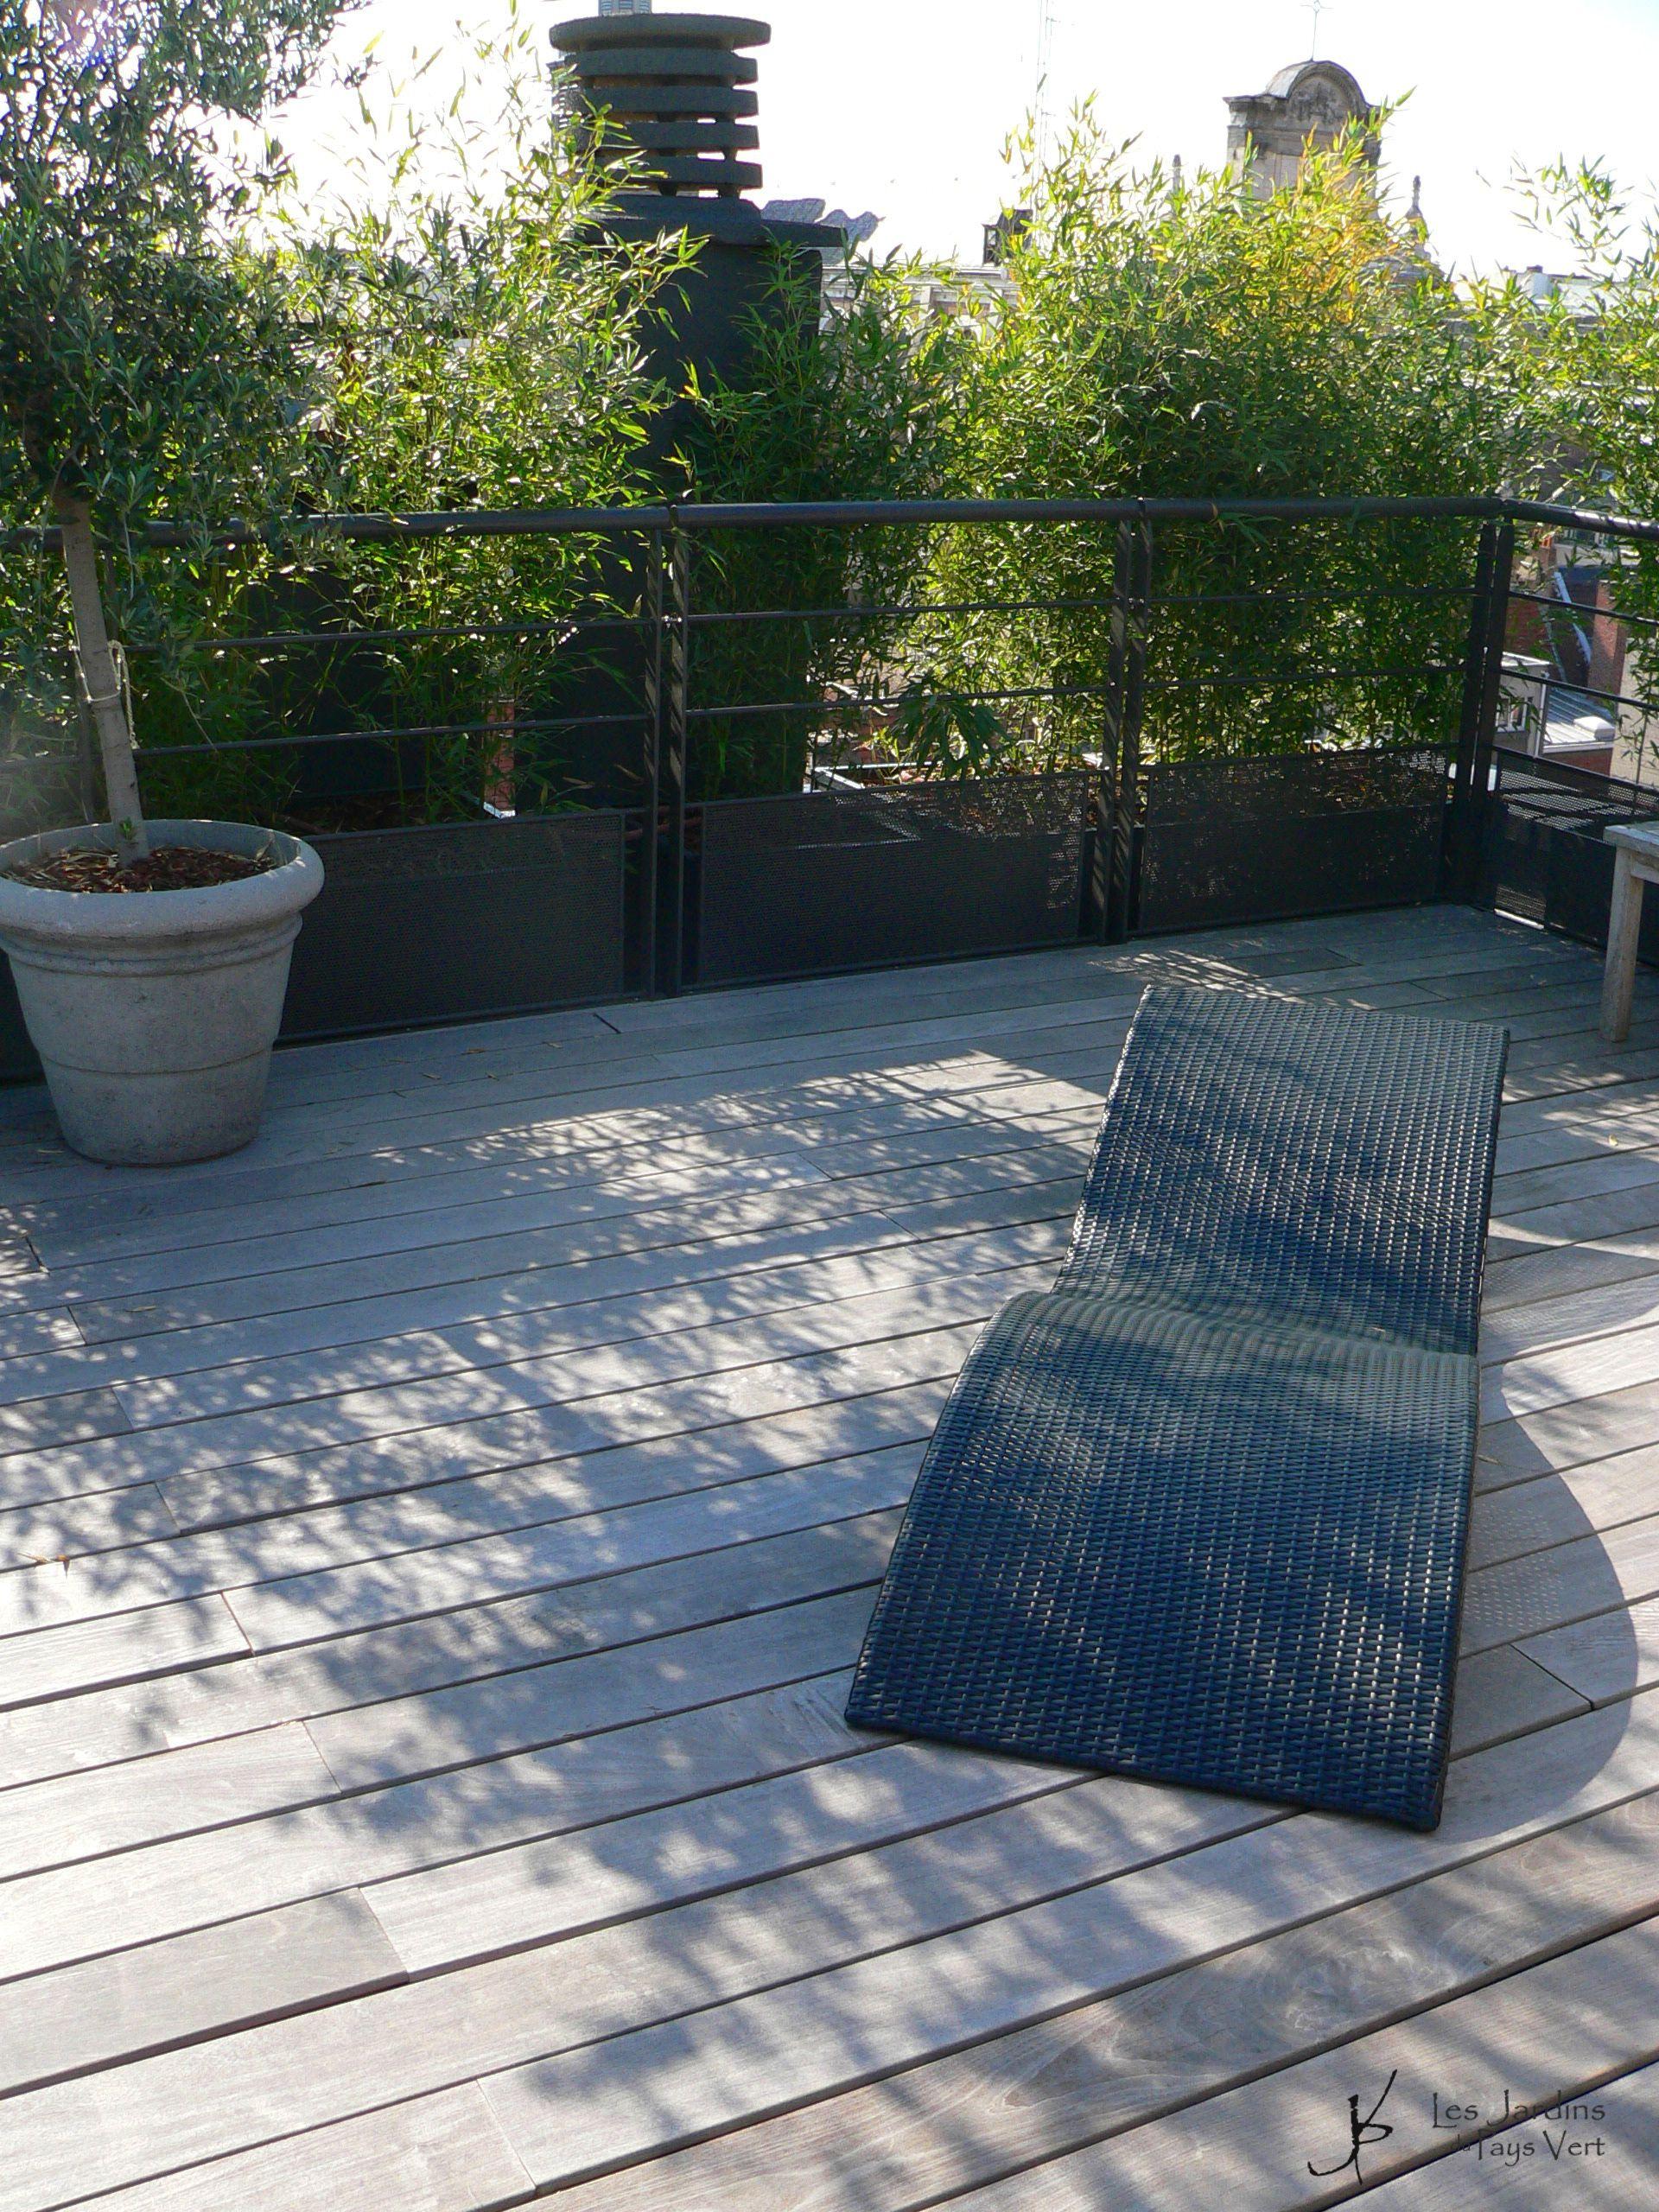 Une terrasse sur les toits lille des bambous en bacs pour se prot ger du vent et des regards - Bambou en bacs terrasse ...